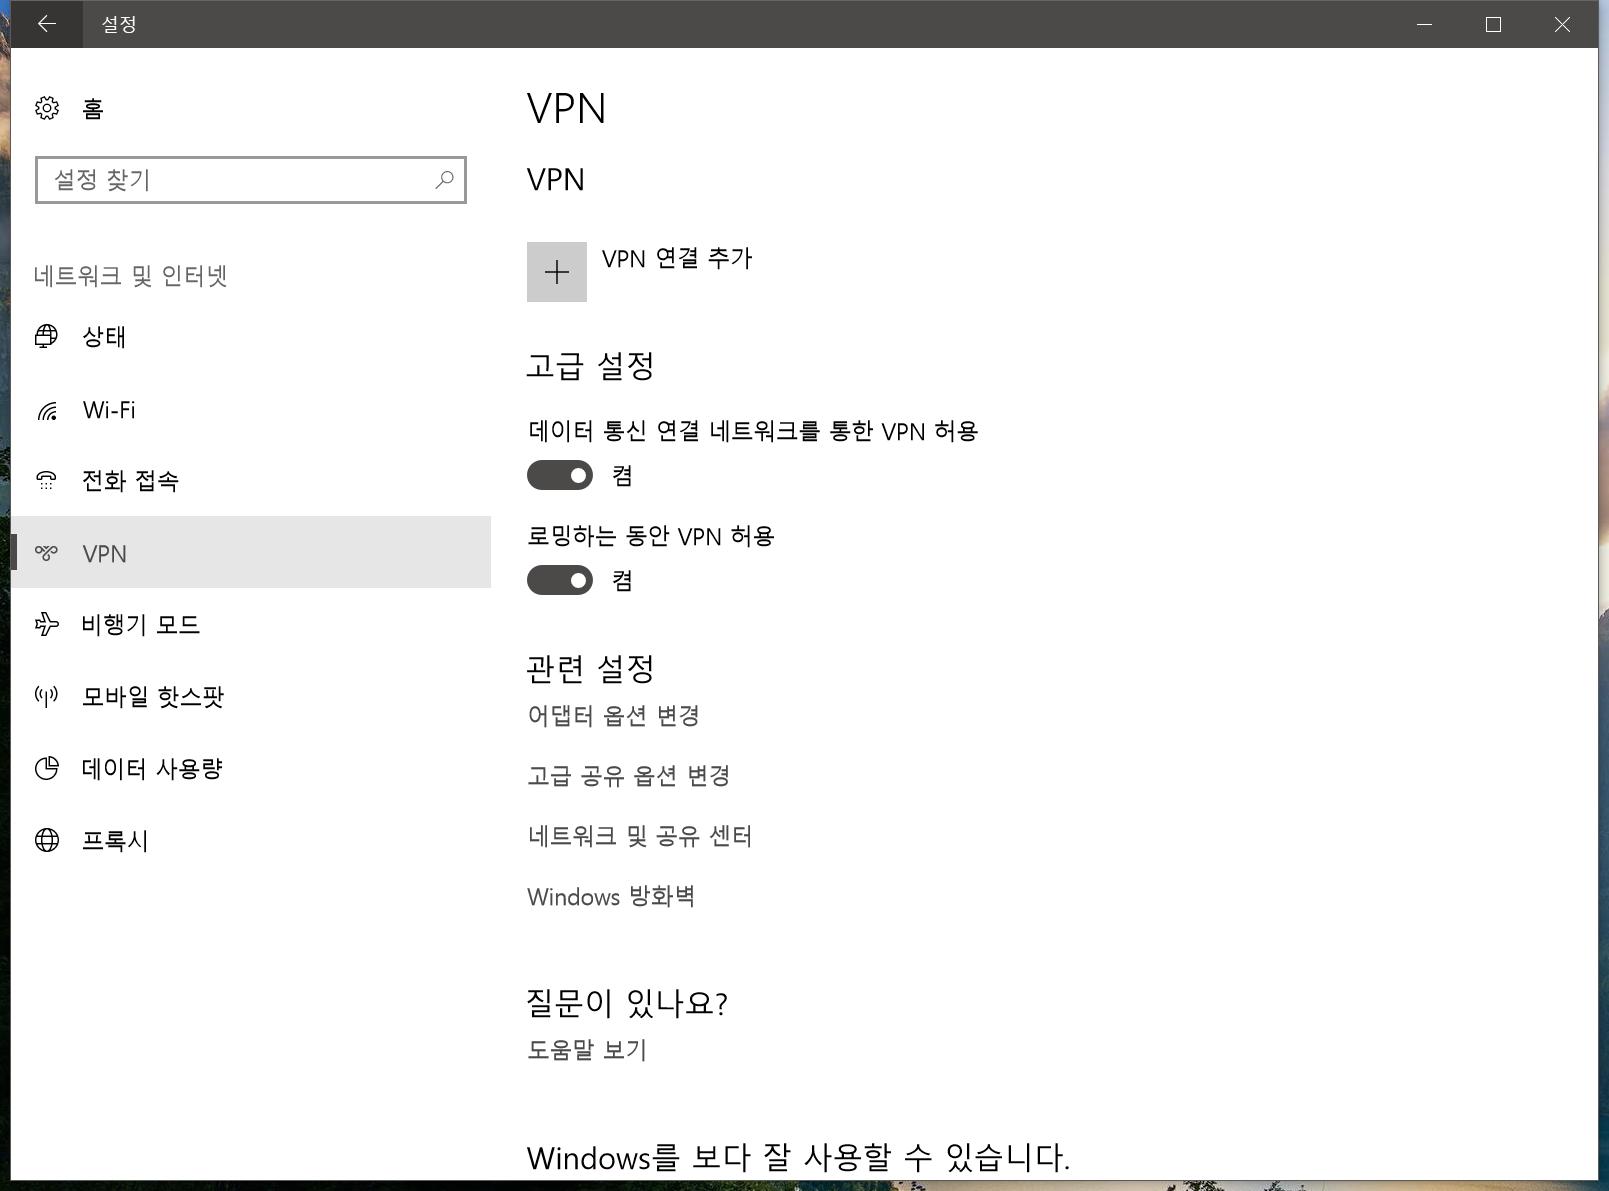 윈도우 VPN 설정